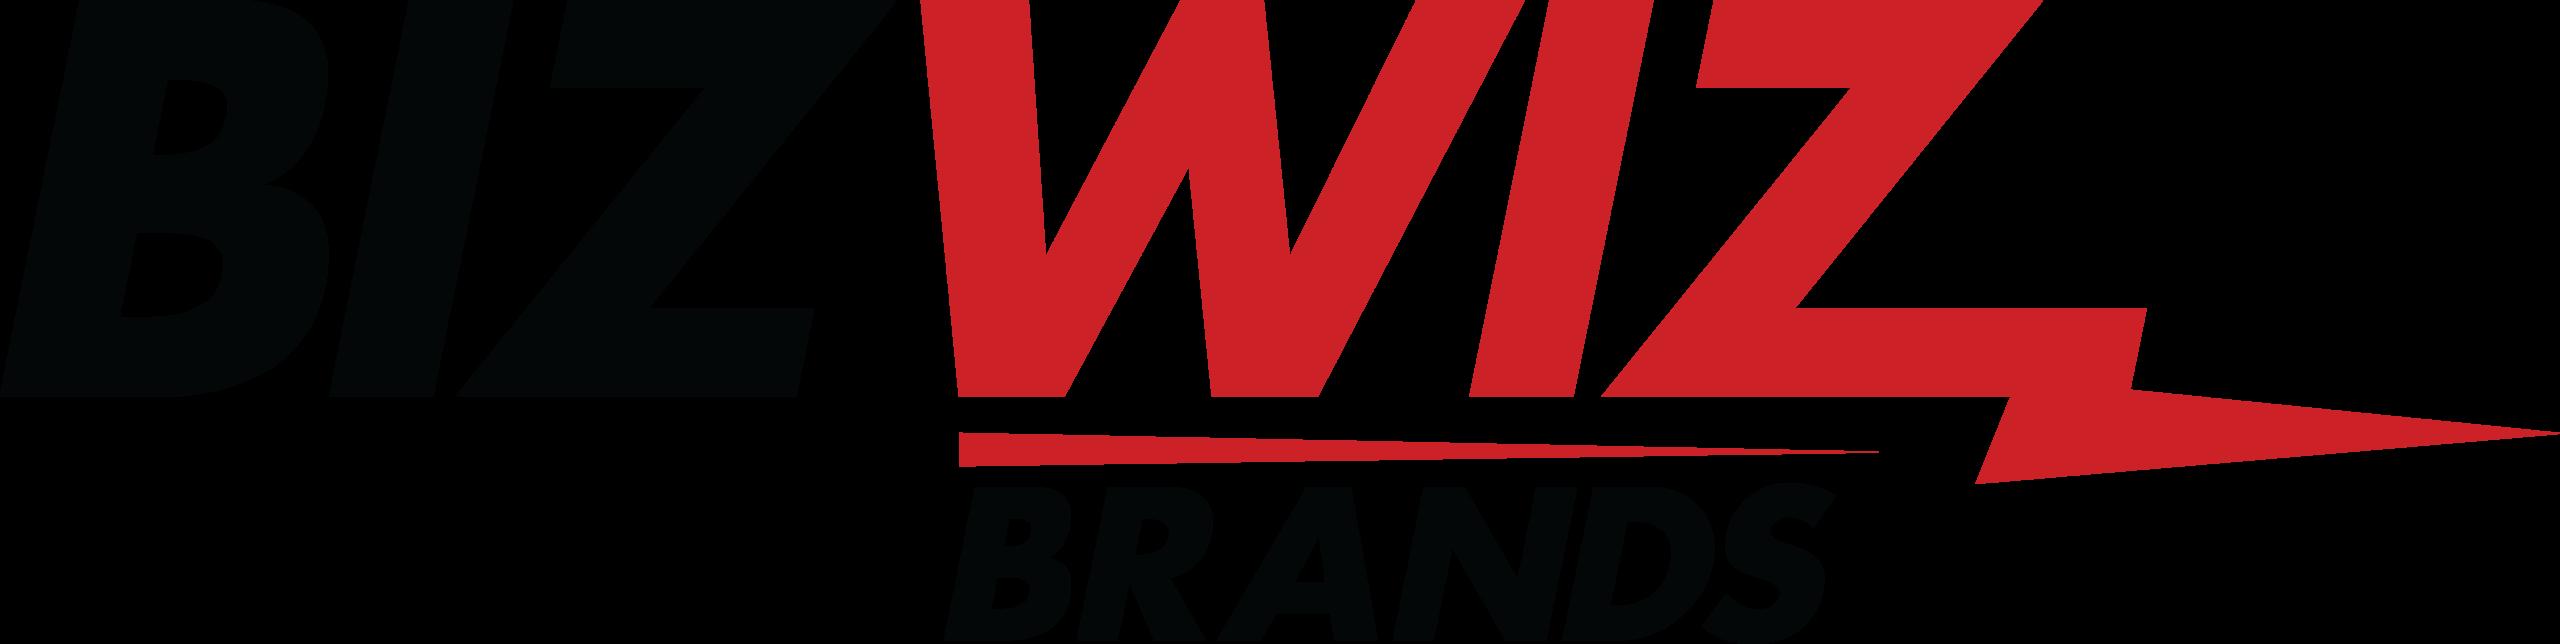 BizWiz Brands Inc.